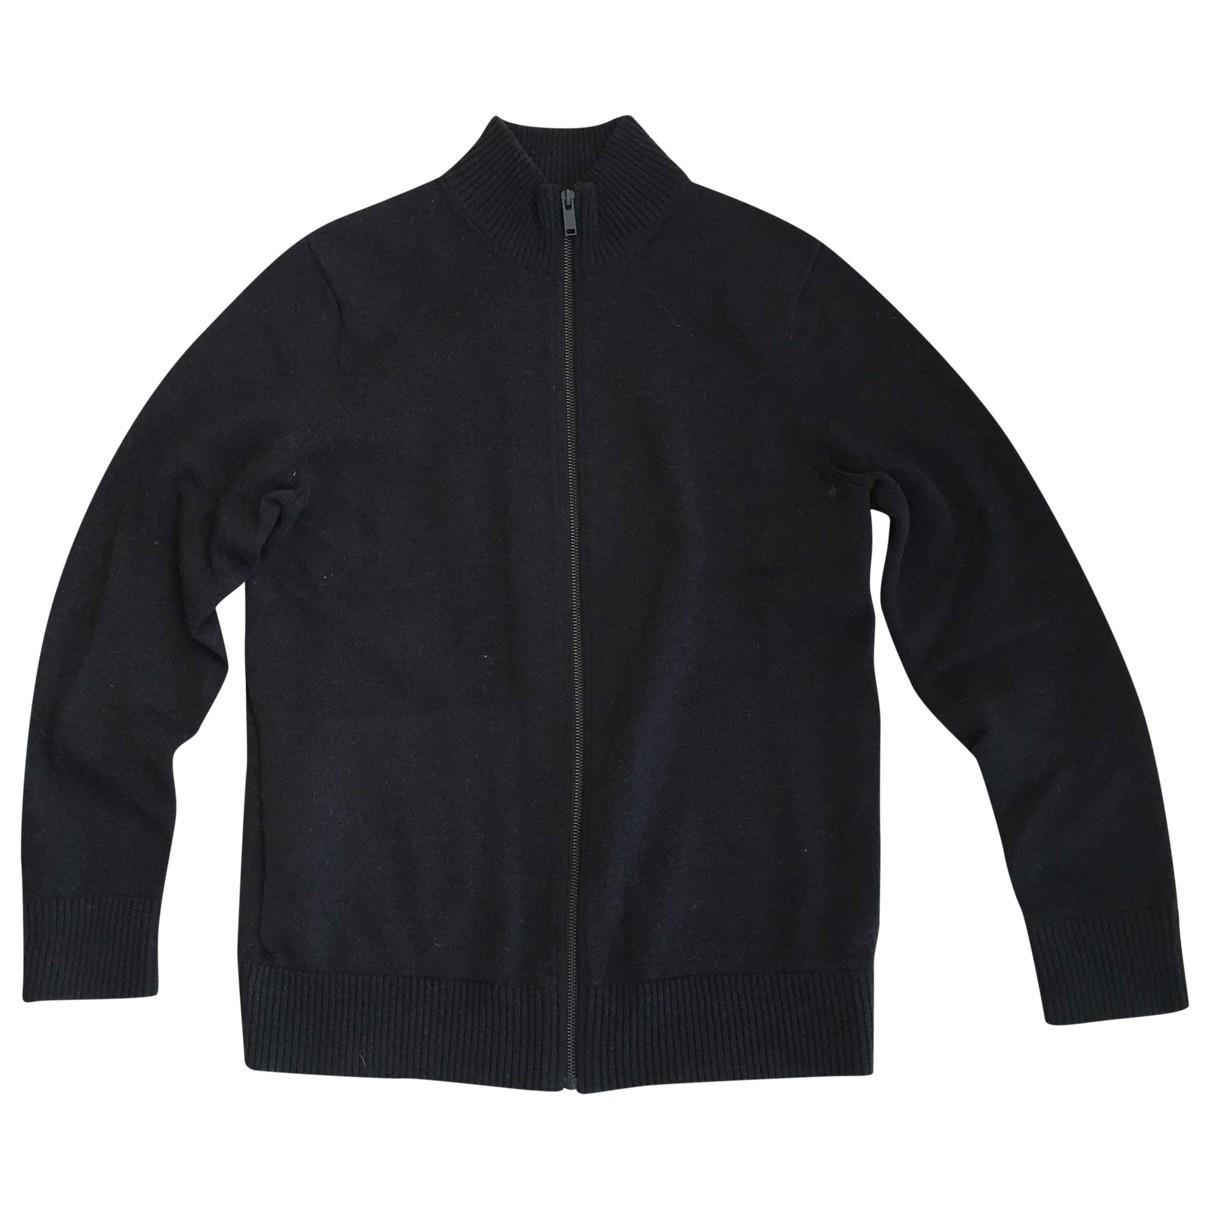 Cos - Pulls.Gilets.Sweats   pour homme en laine - anthracite